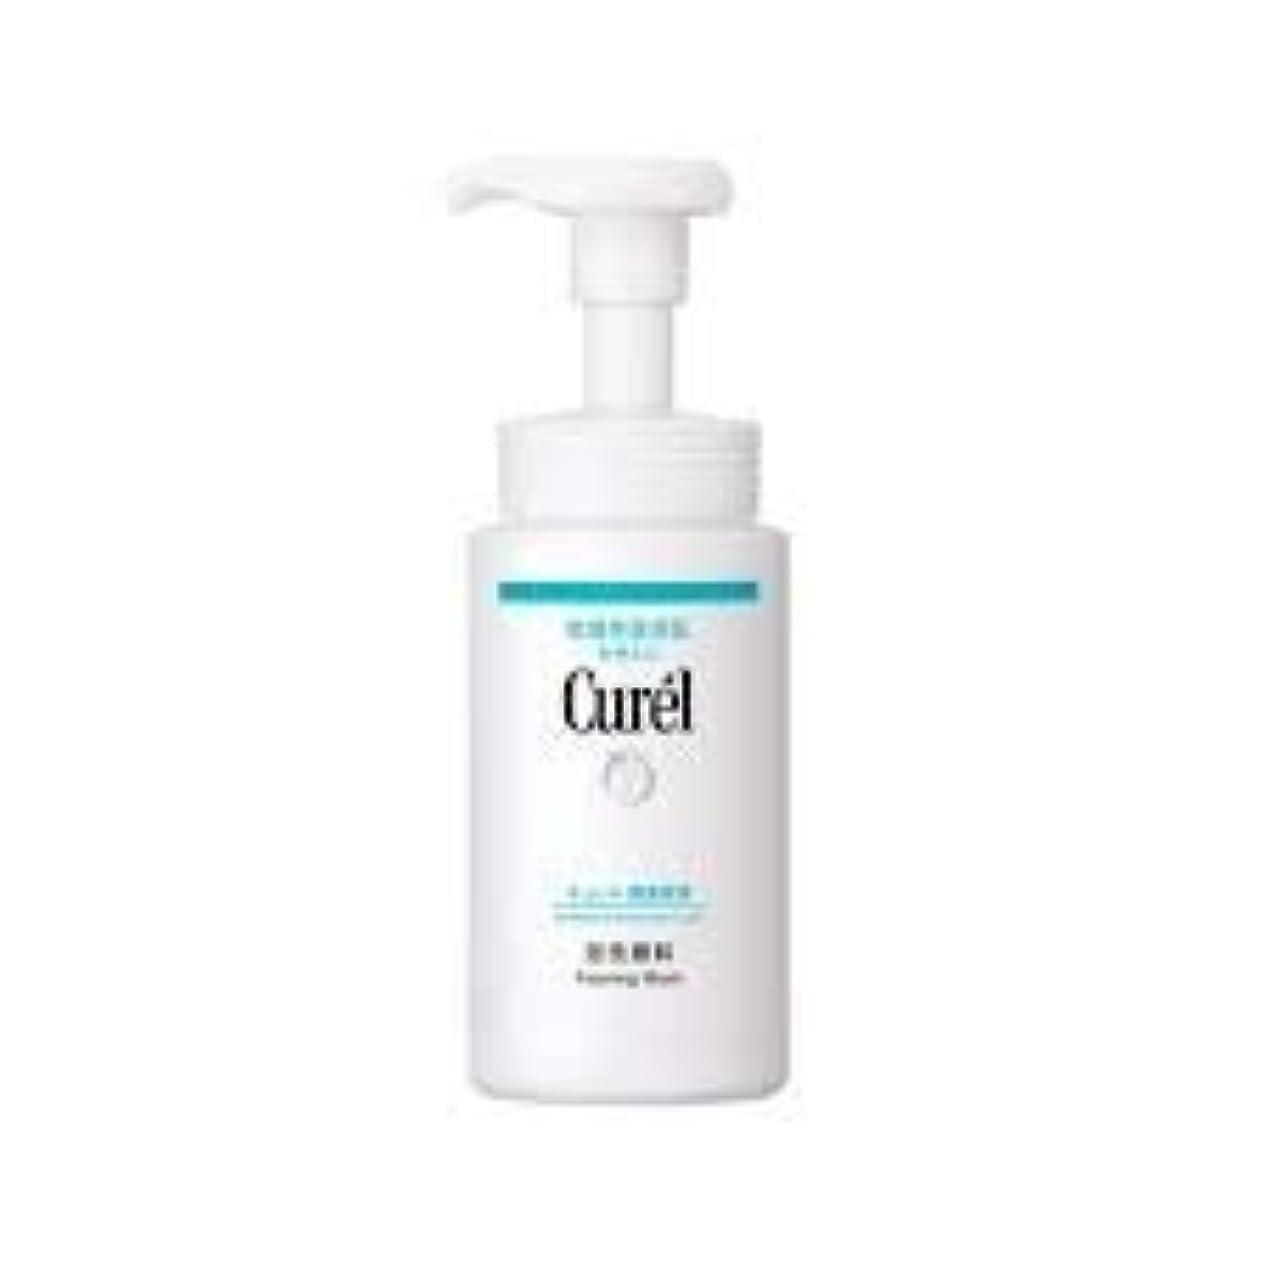 今日動物カプセルCurél キュレル集中治療保湿泡風呂ゲル150ミリリットル - セラミドの保護や食材を清掃含まれ、皮膚に圧力を最小限にします